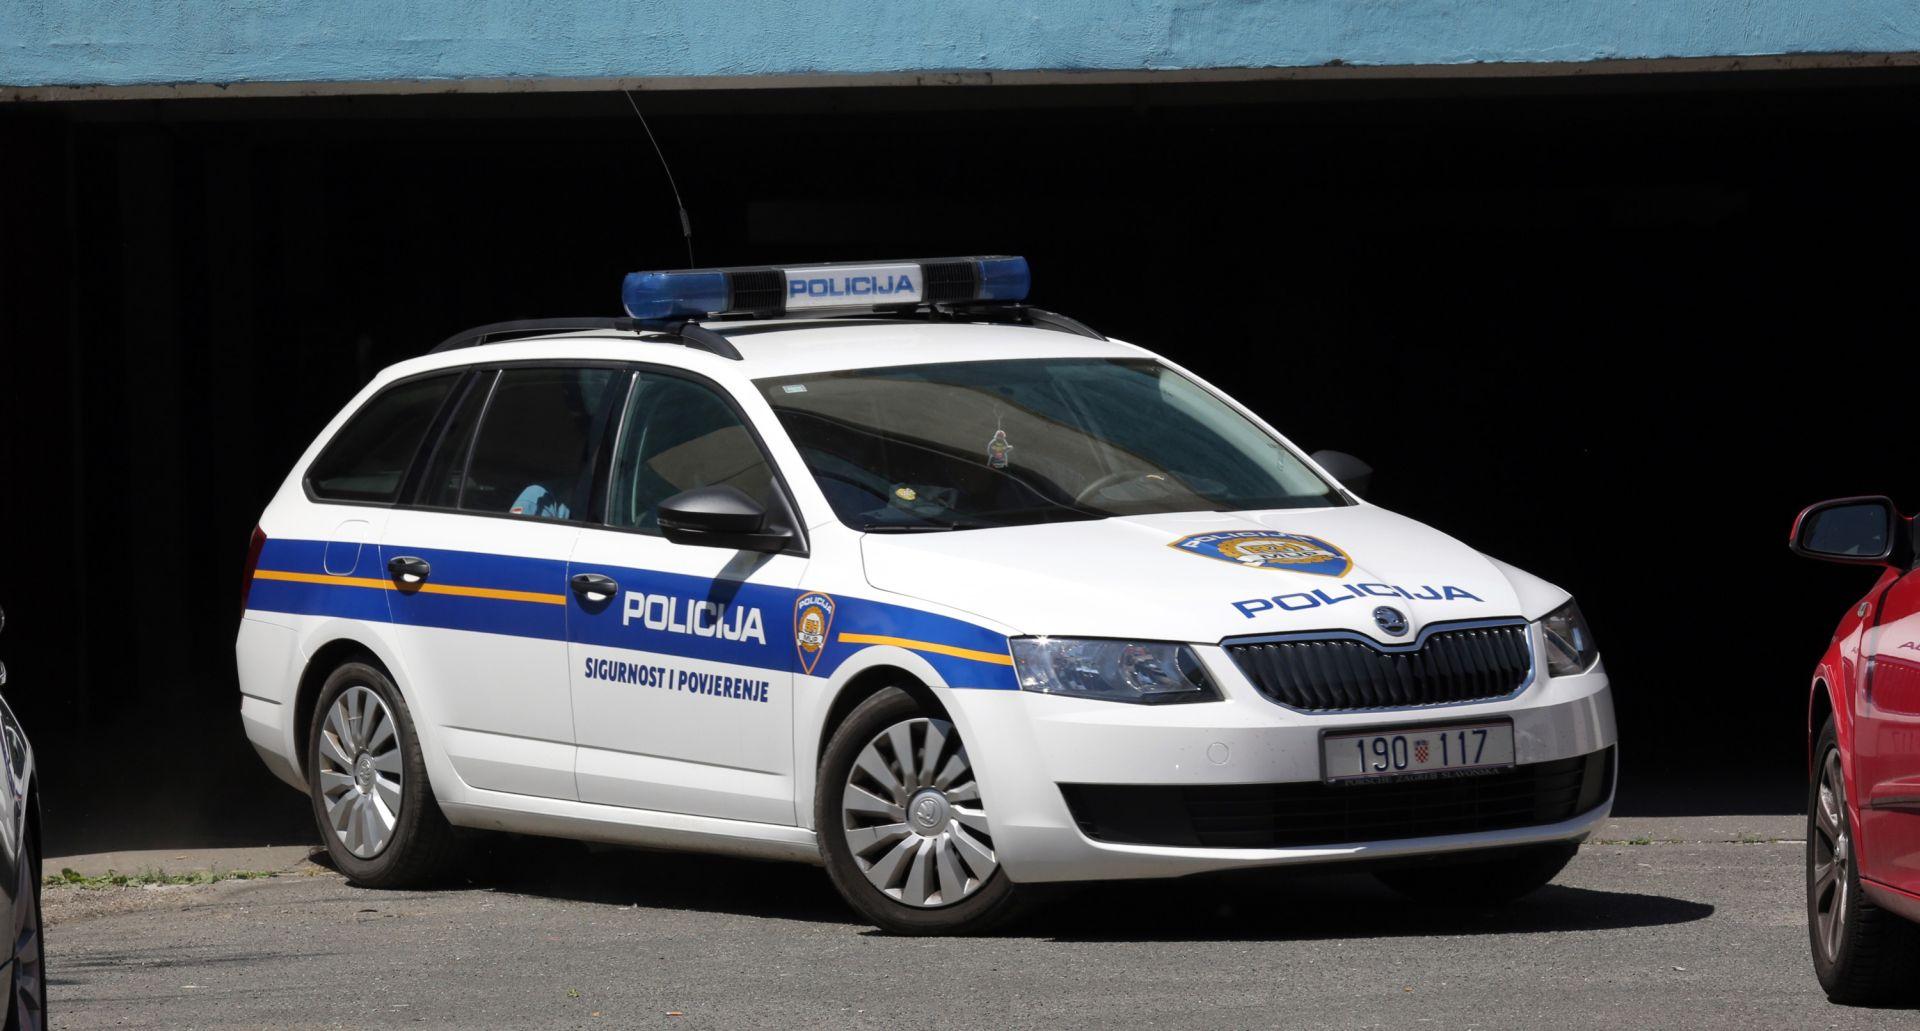 VARAO DRŽAVU 21 GODINU Policija završila istragu o lažnom ratnom vojnom invalidu